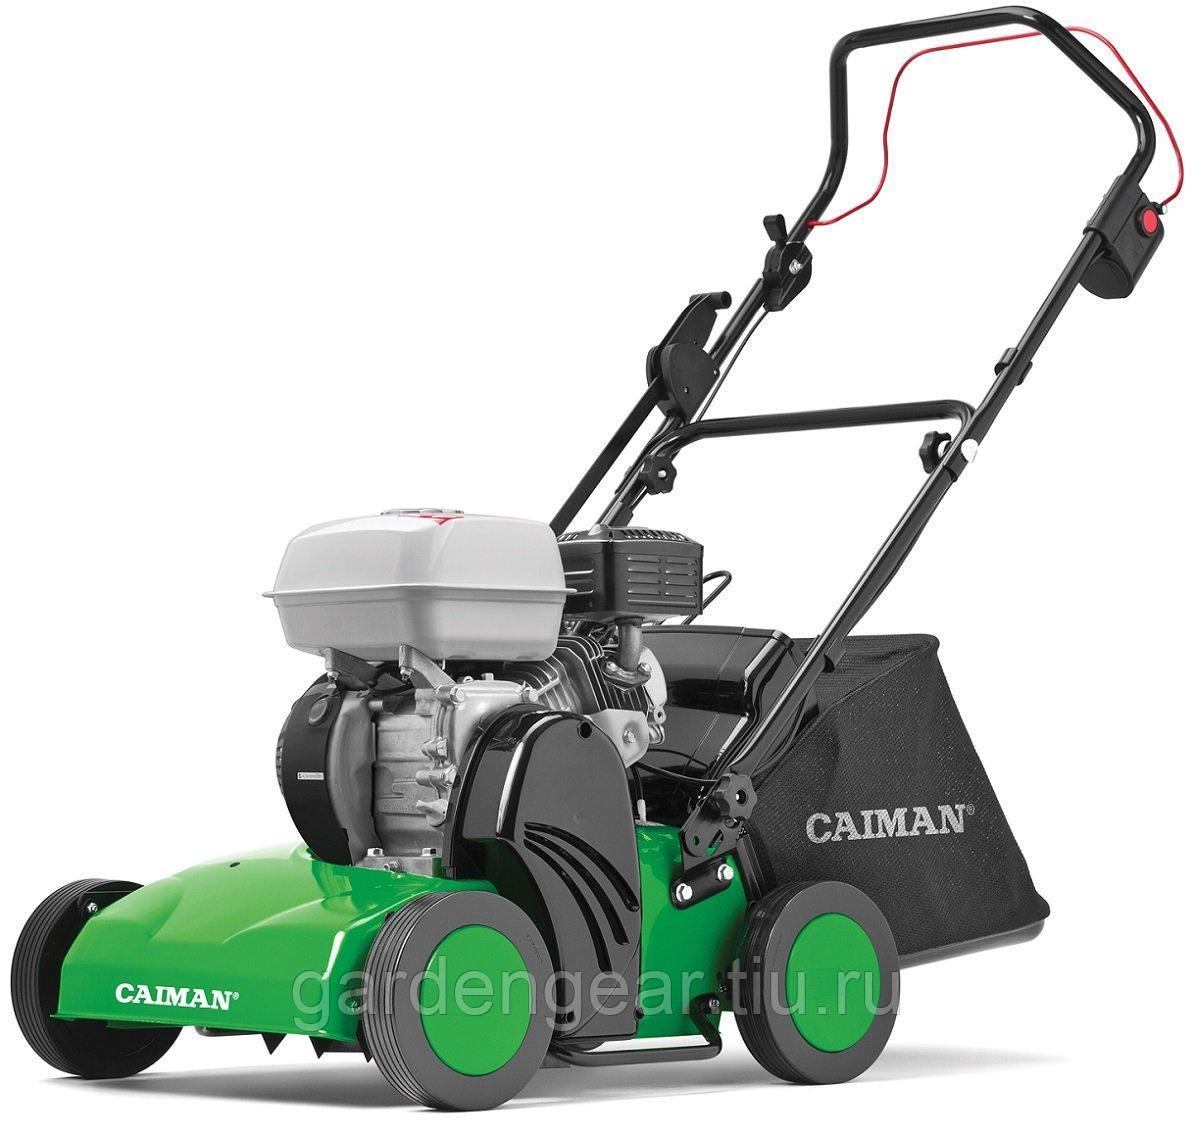 Скарификатор для газона: какой лучше - электрический, бензиновый или ручной, рейтинг моделей, их плюсы и минусы